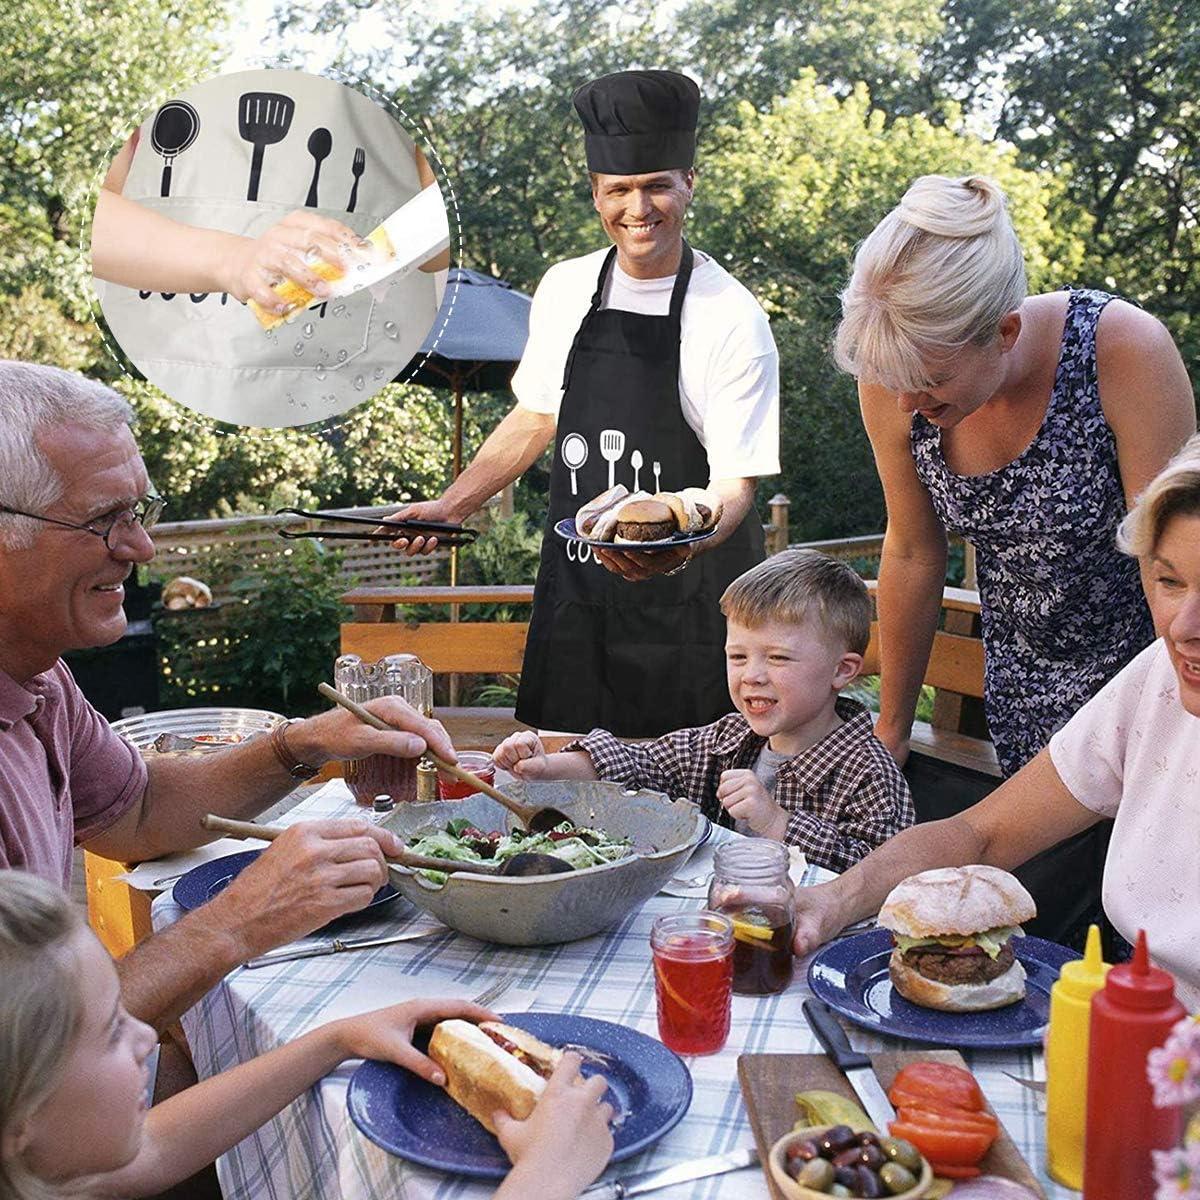 Tabliers pour Cuisine Familial Restaurant Cuisine Barbecue Jardin Caf/é Chef Serveurs Noir Blanc Vockvic 2 pcs Unisexe Chefs Cuisine Tablier /Étanche avec Poches